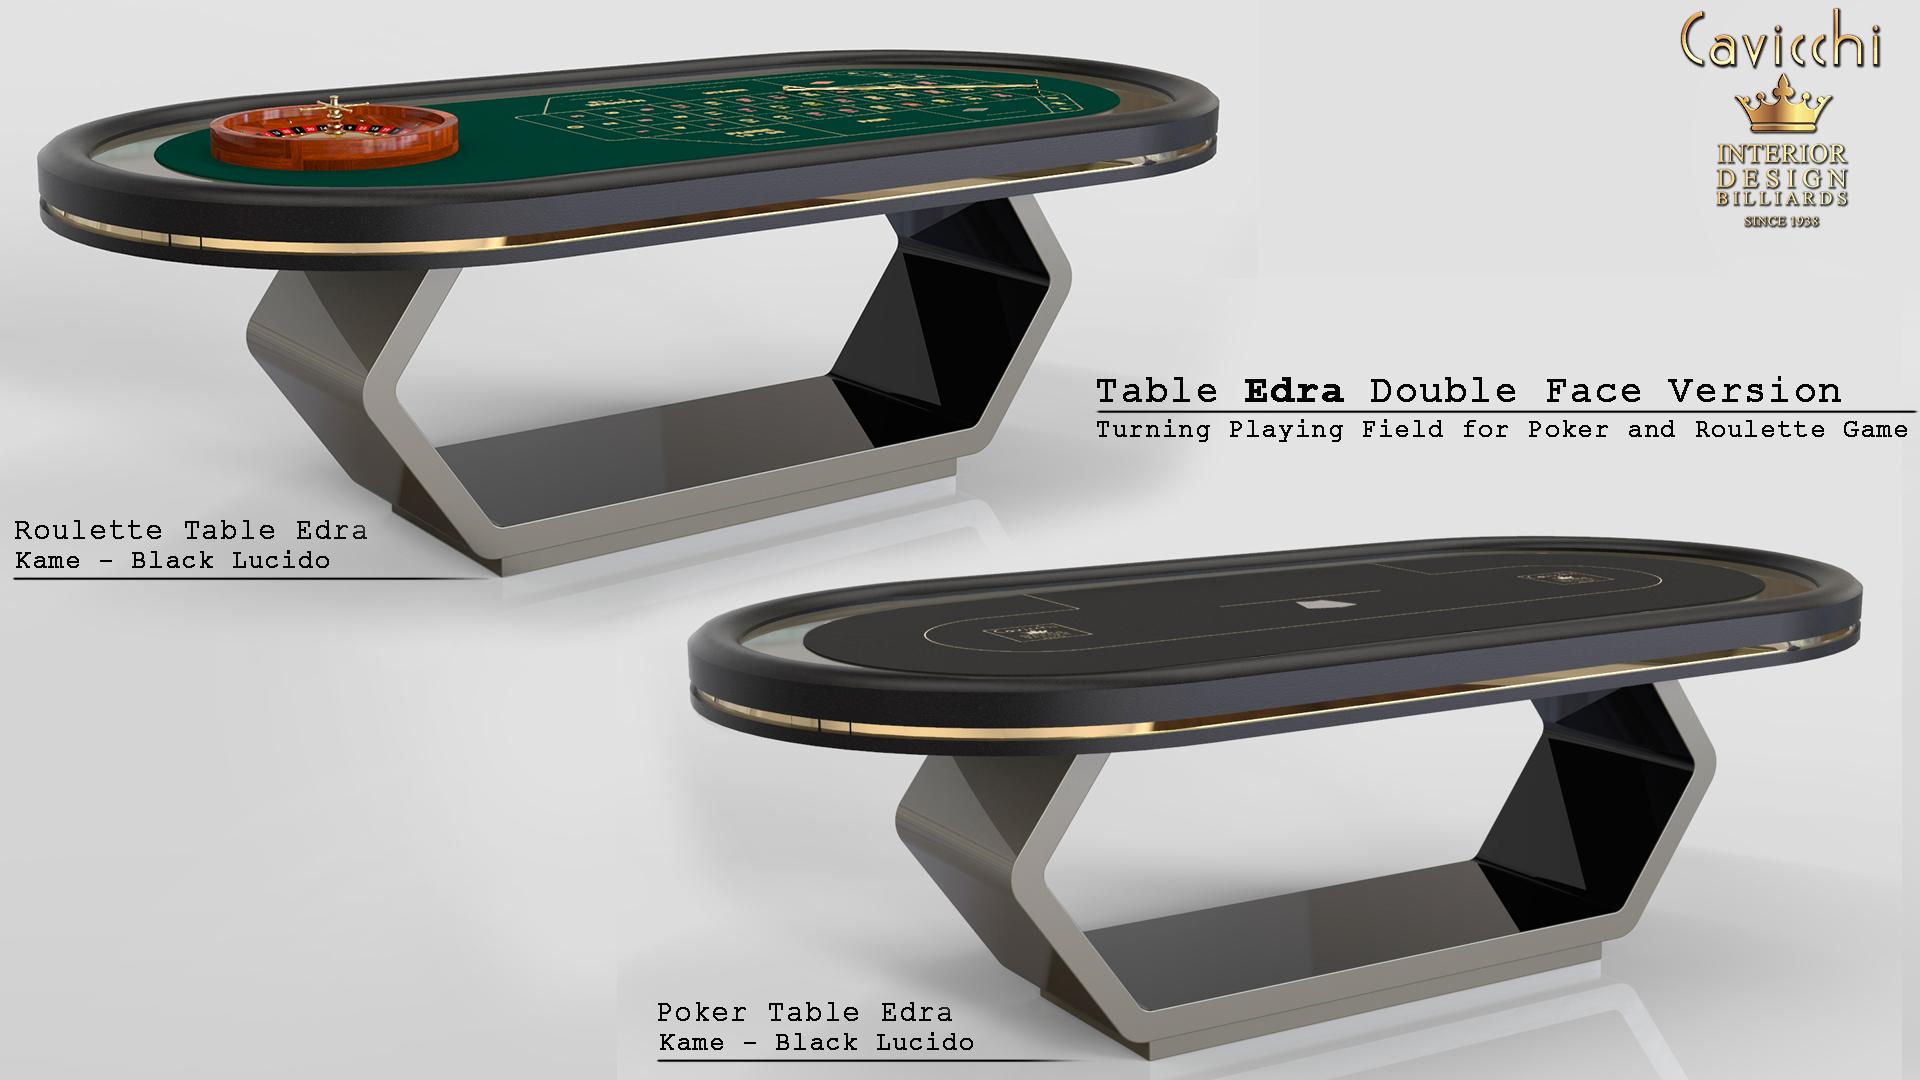 Poker Table Edra WL25 15